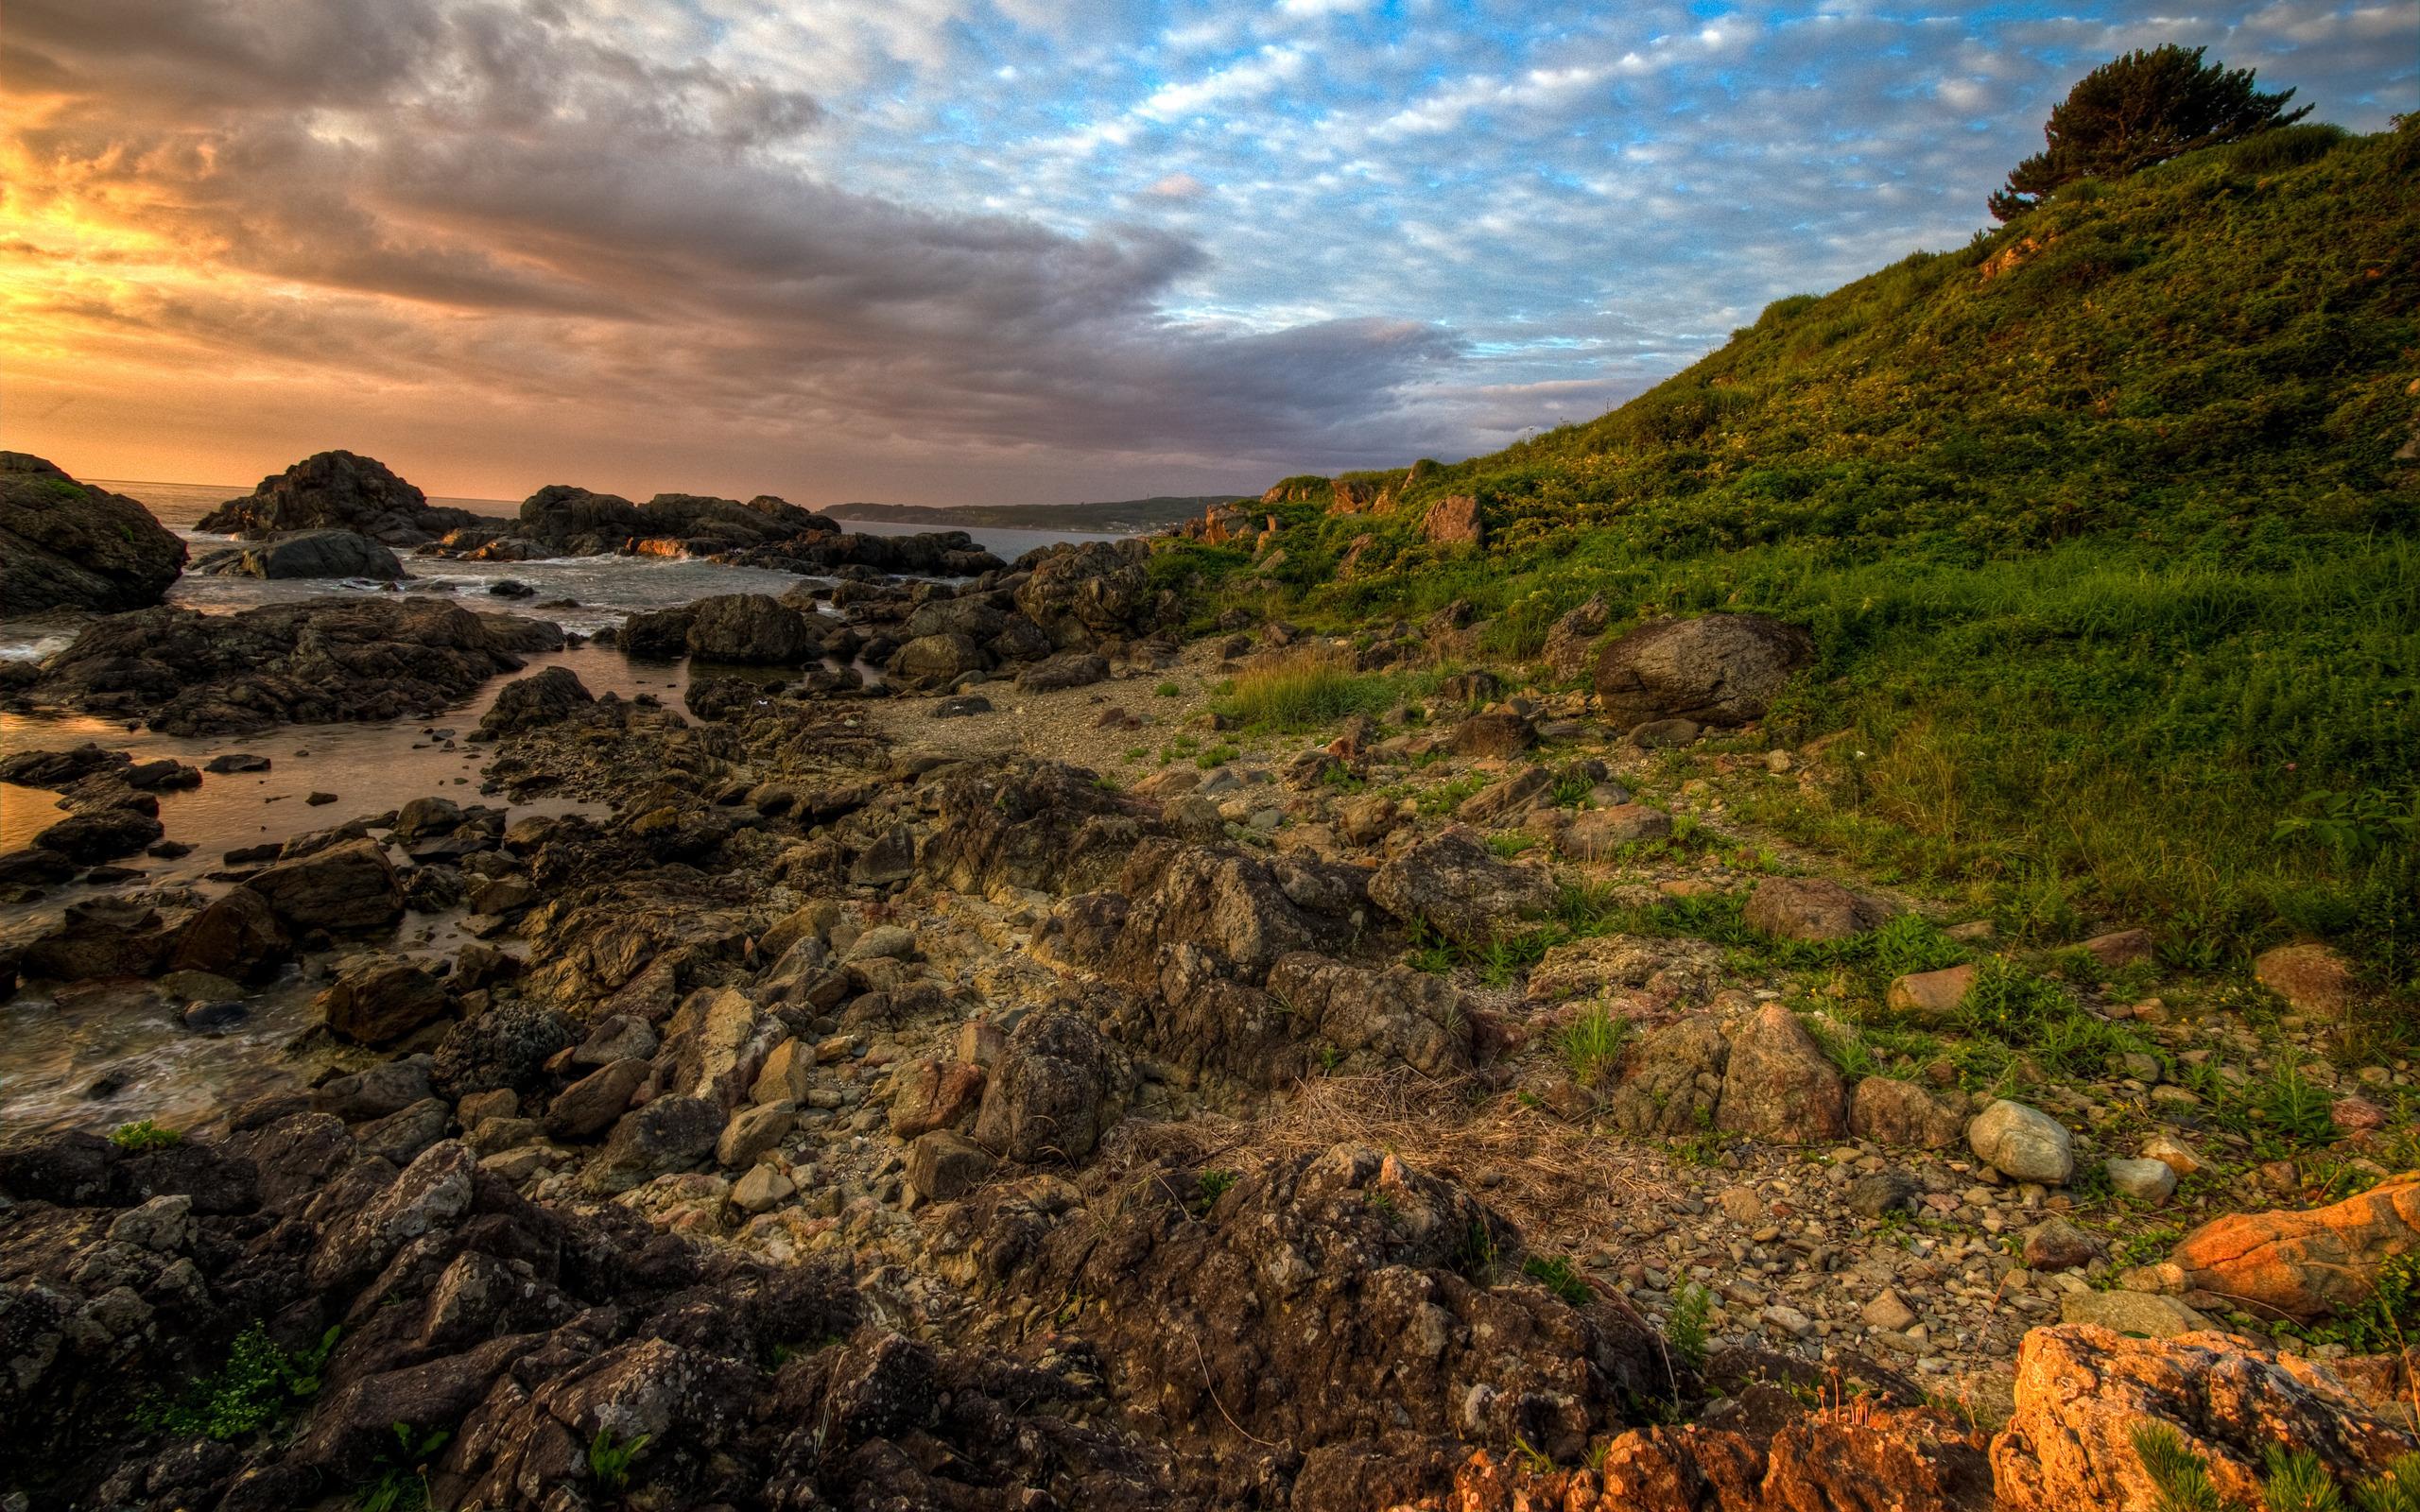 26405 免費下載壁紙 景观, 石, 海, 云 屏保和圖片